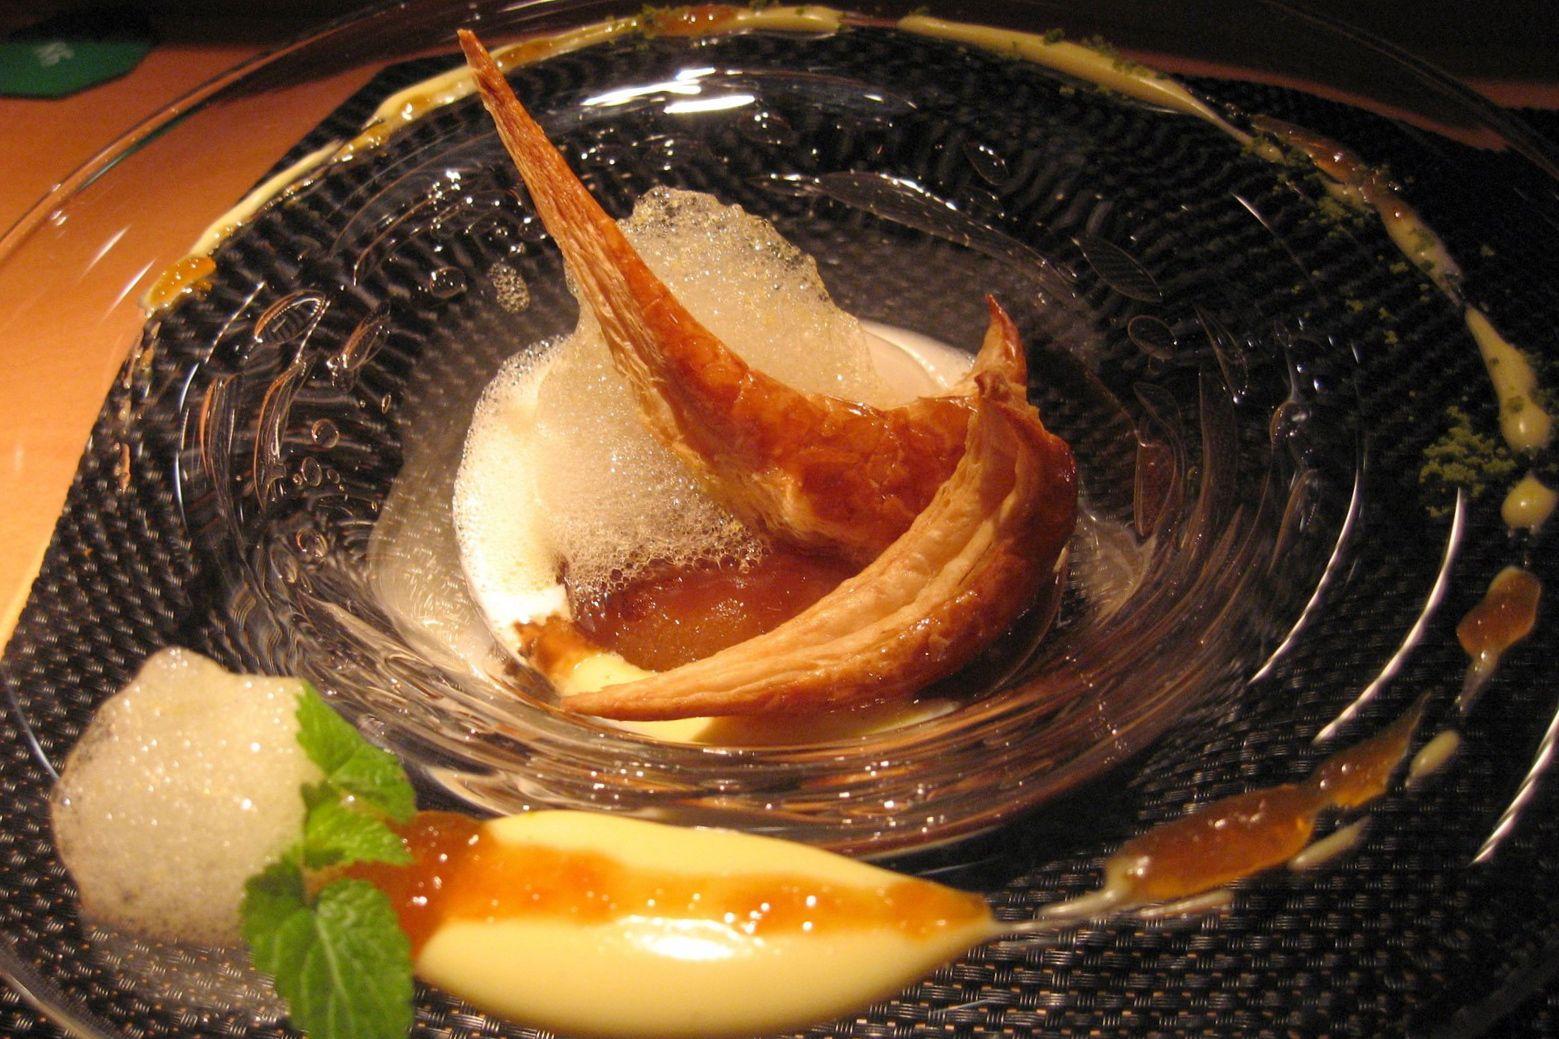 Le Riz au lait, pomme caramelisée avec un confit à l'orange